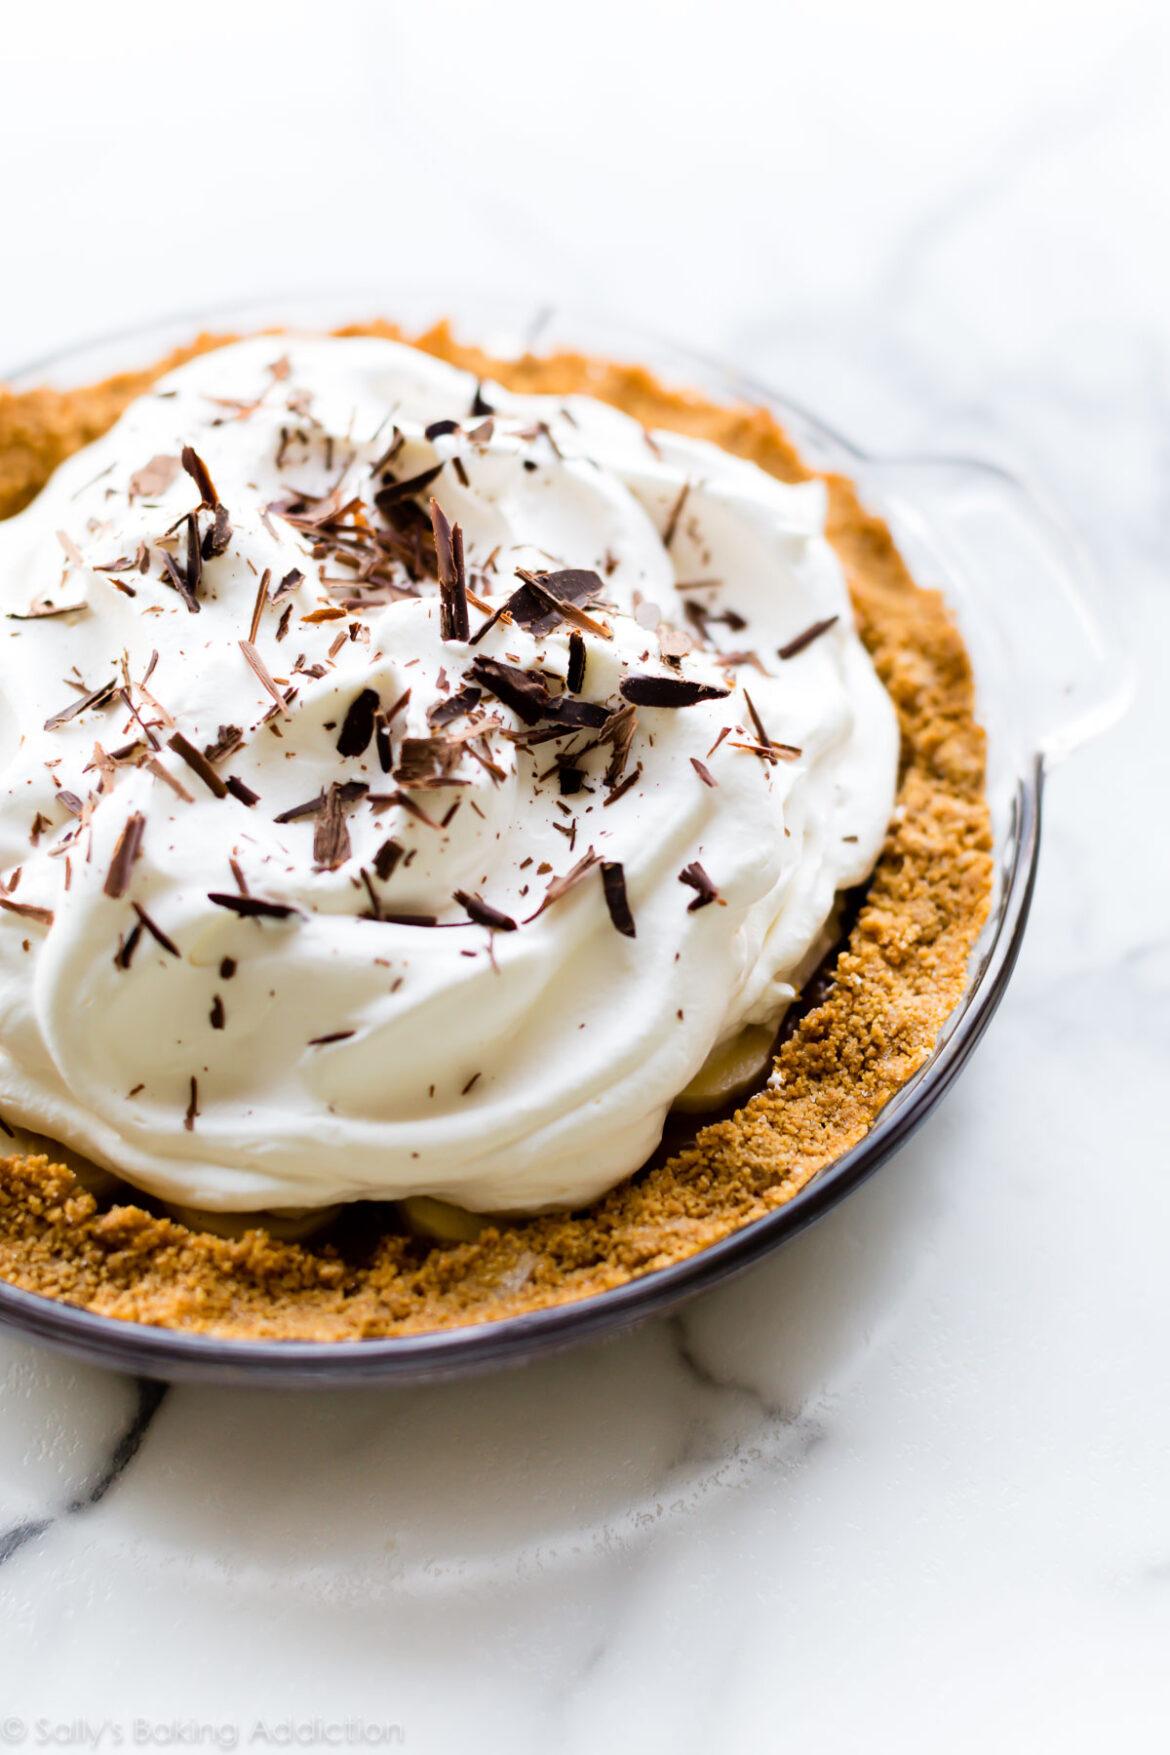 How to make whipped cream